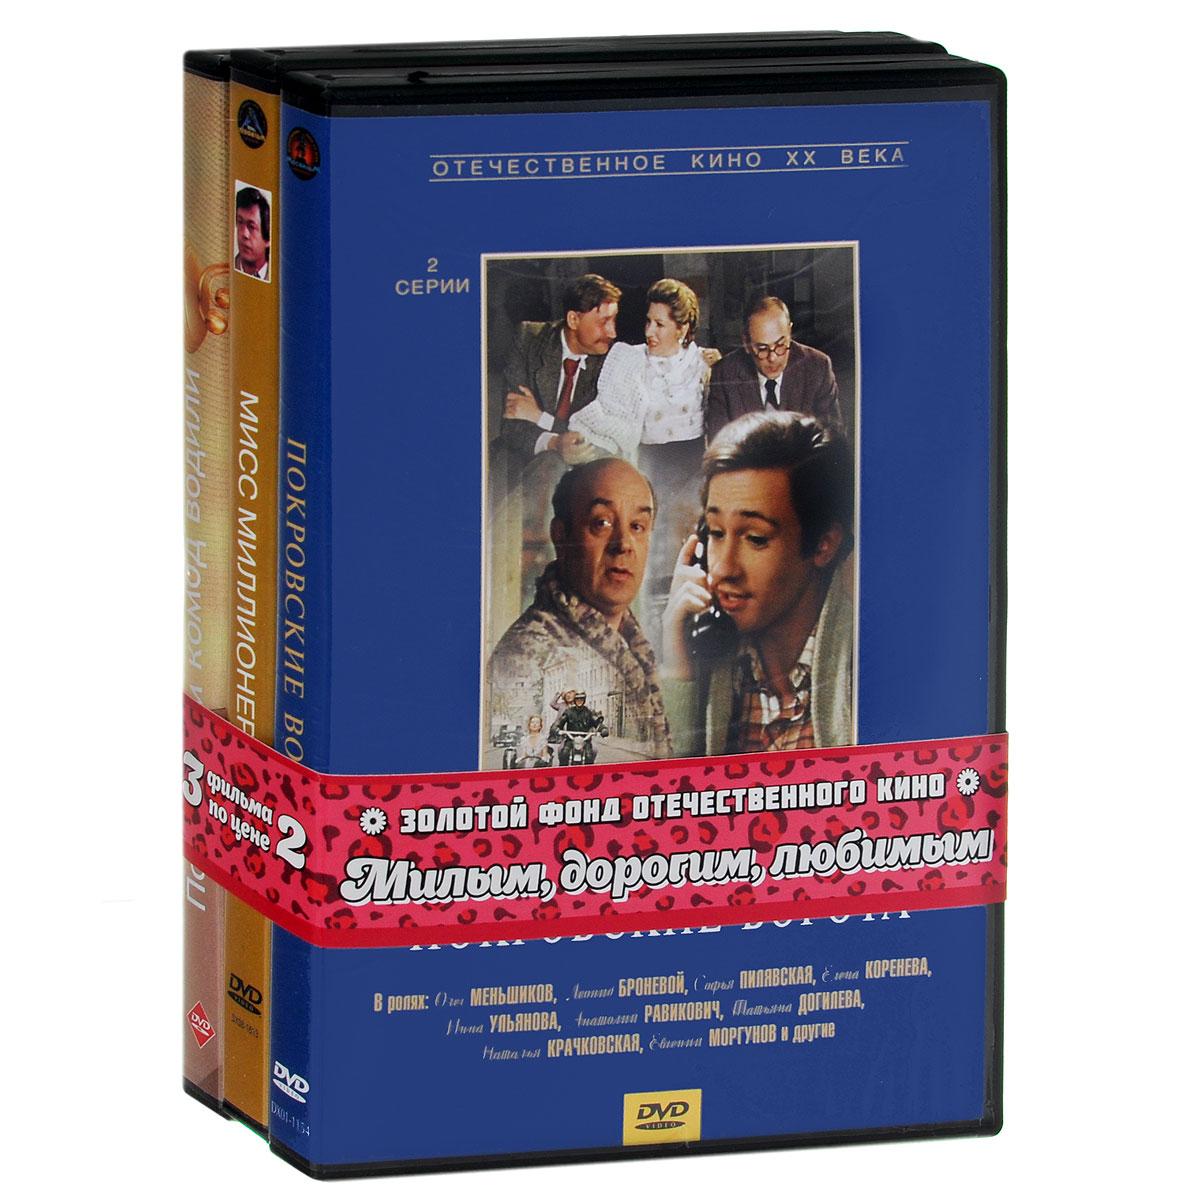 Милым, дорогим, любимым: Мисс миллионерша / По улицам комод водили / Покровские ворота. 1-2 серии (3 DVD)